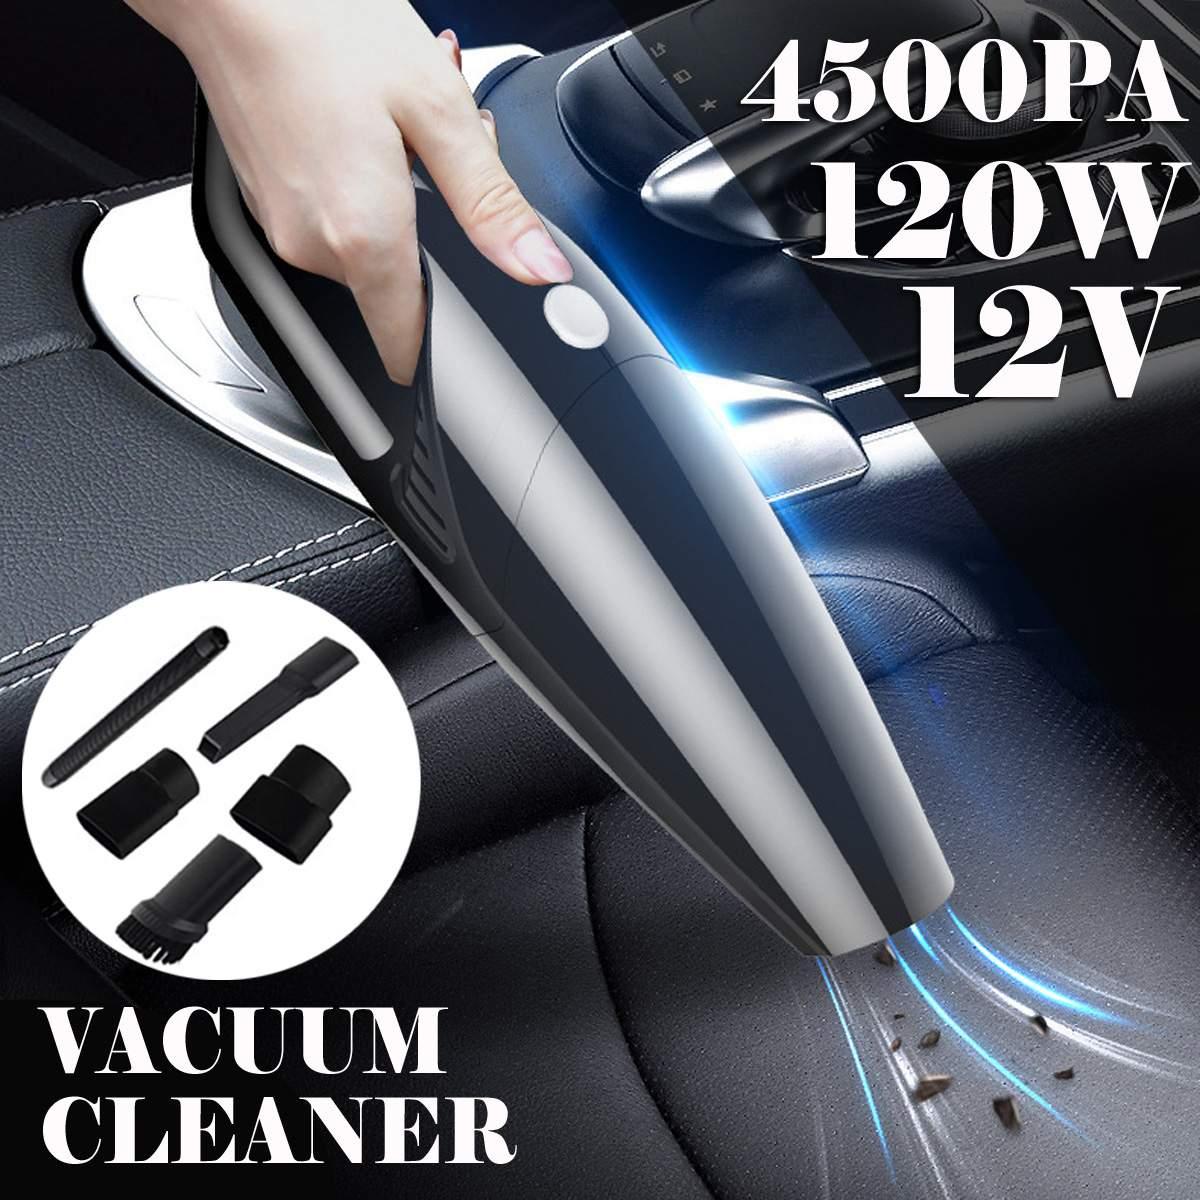 4500Pa 120W inalámbrico con cable de mano aspiradora fuerte potencia aspiradora Mini portátil para coche Auto hogar